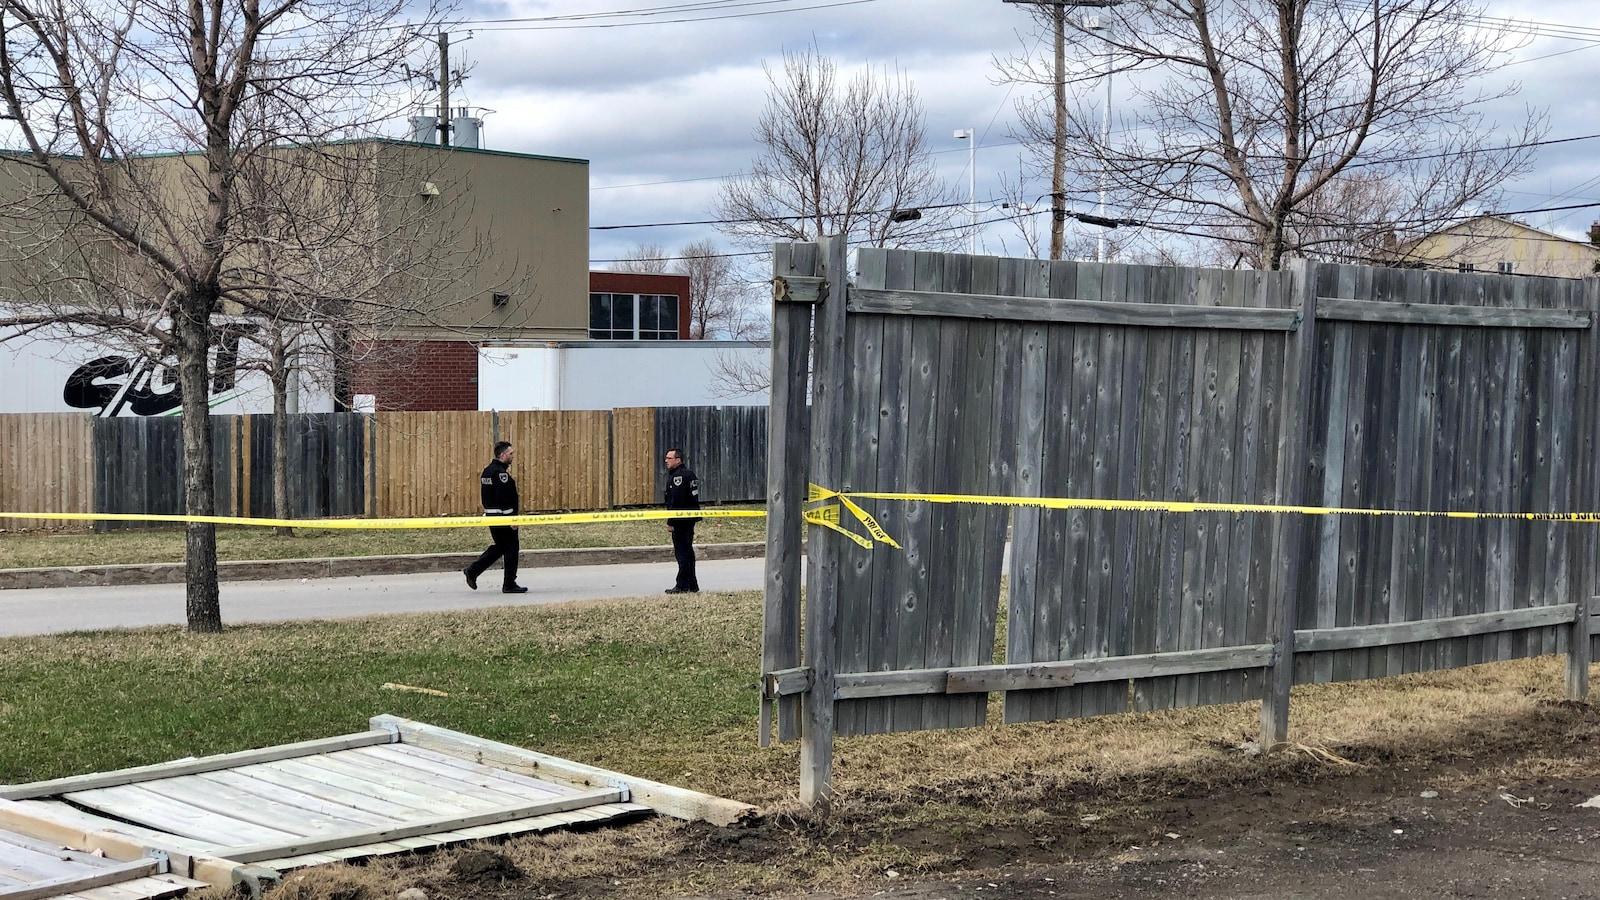 Des policiers derrière une banderole jaune délimitant un périmètre.